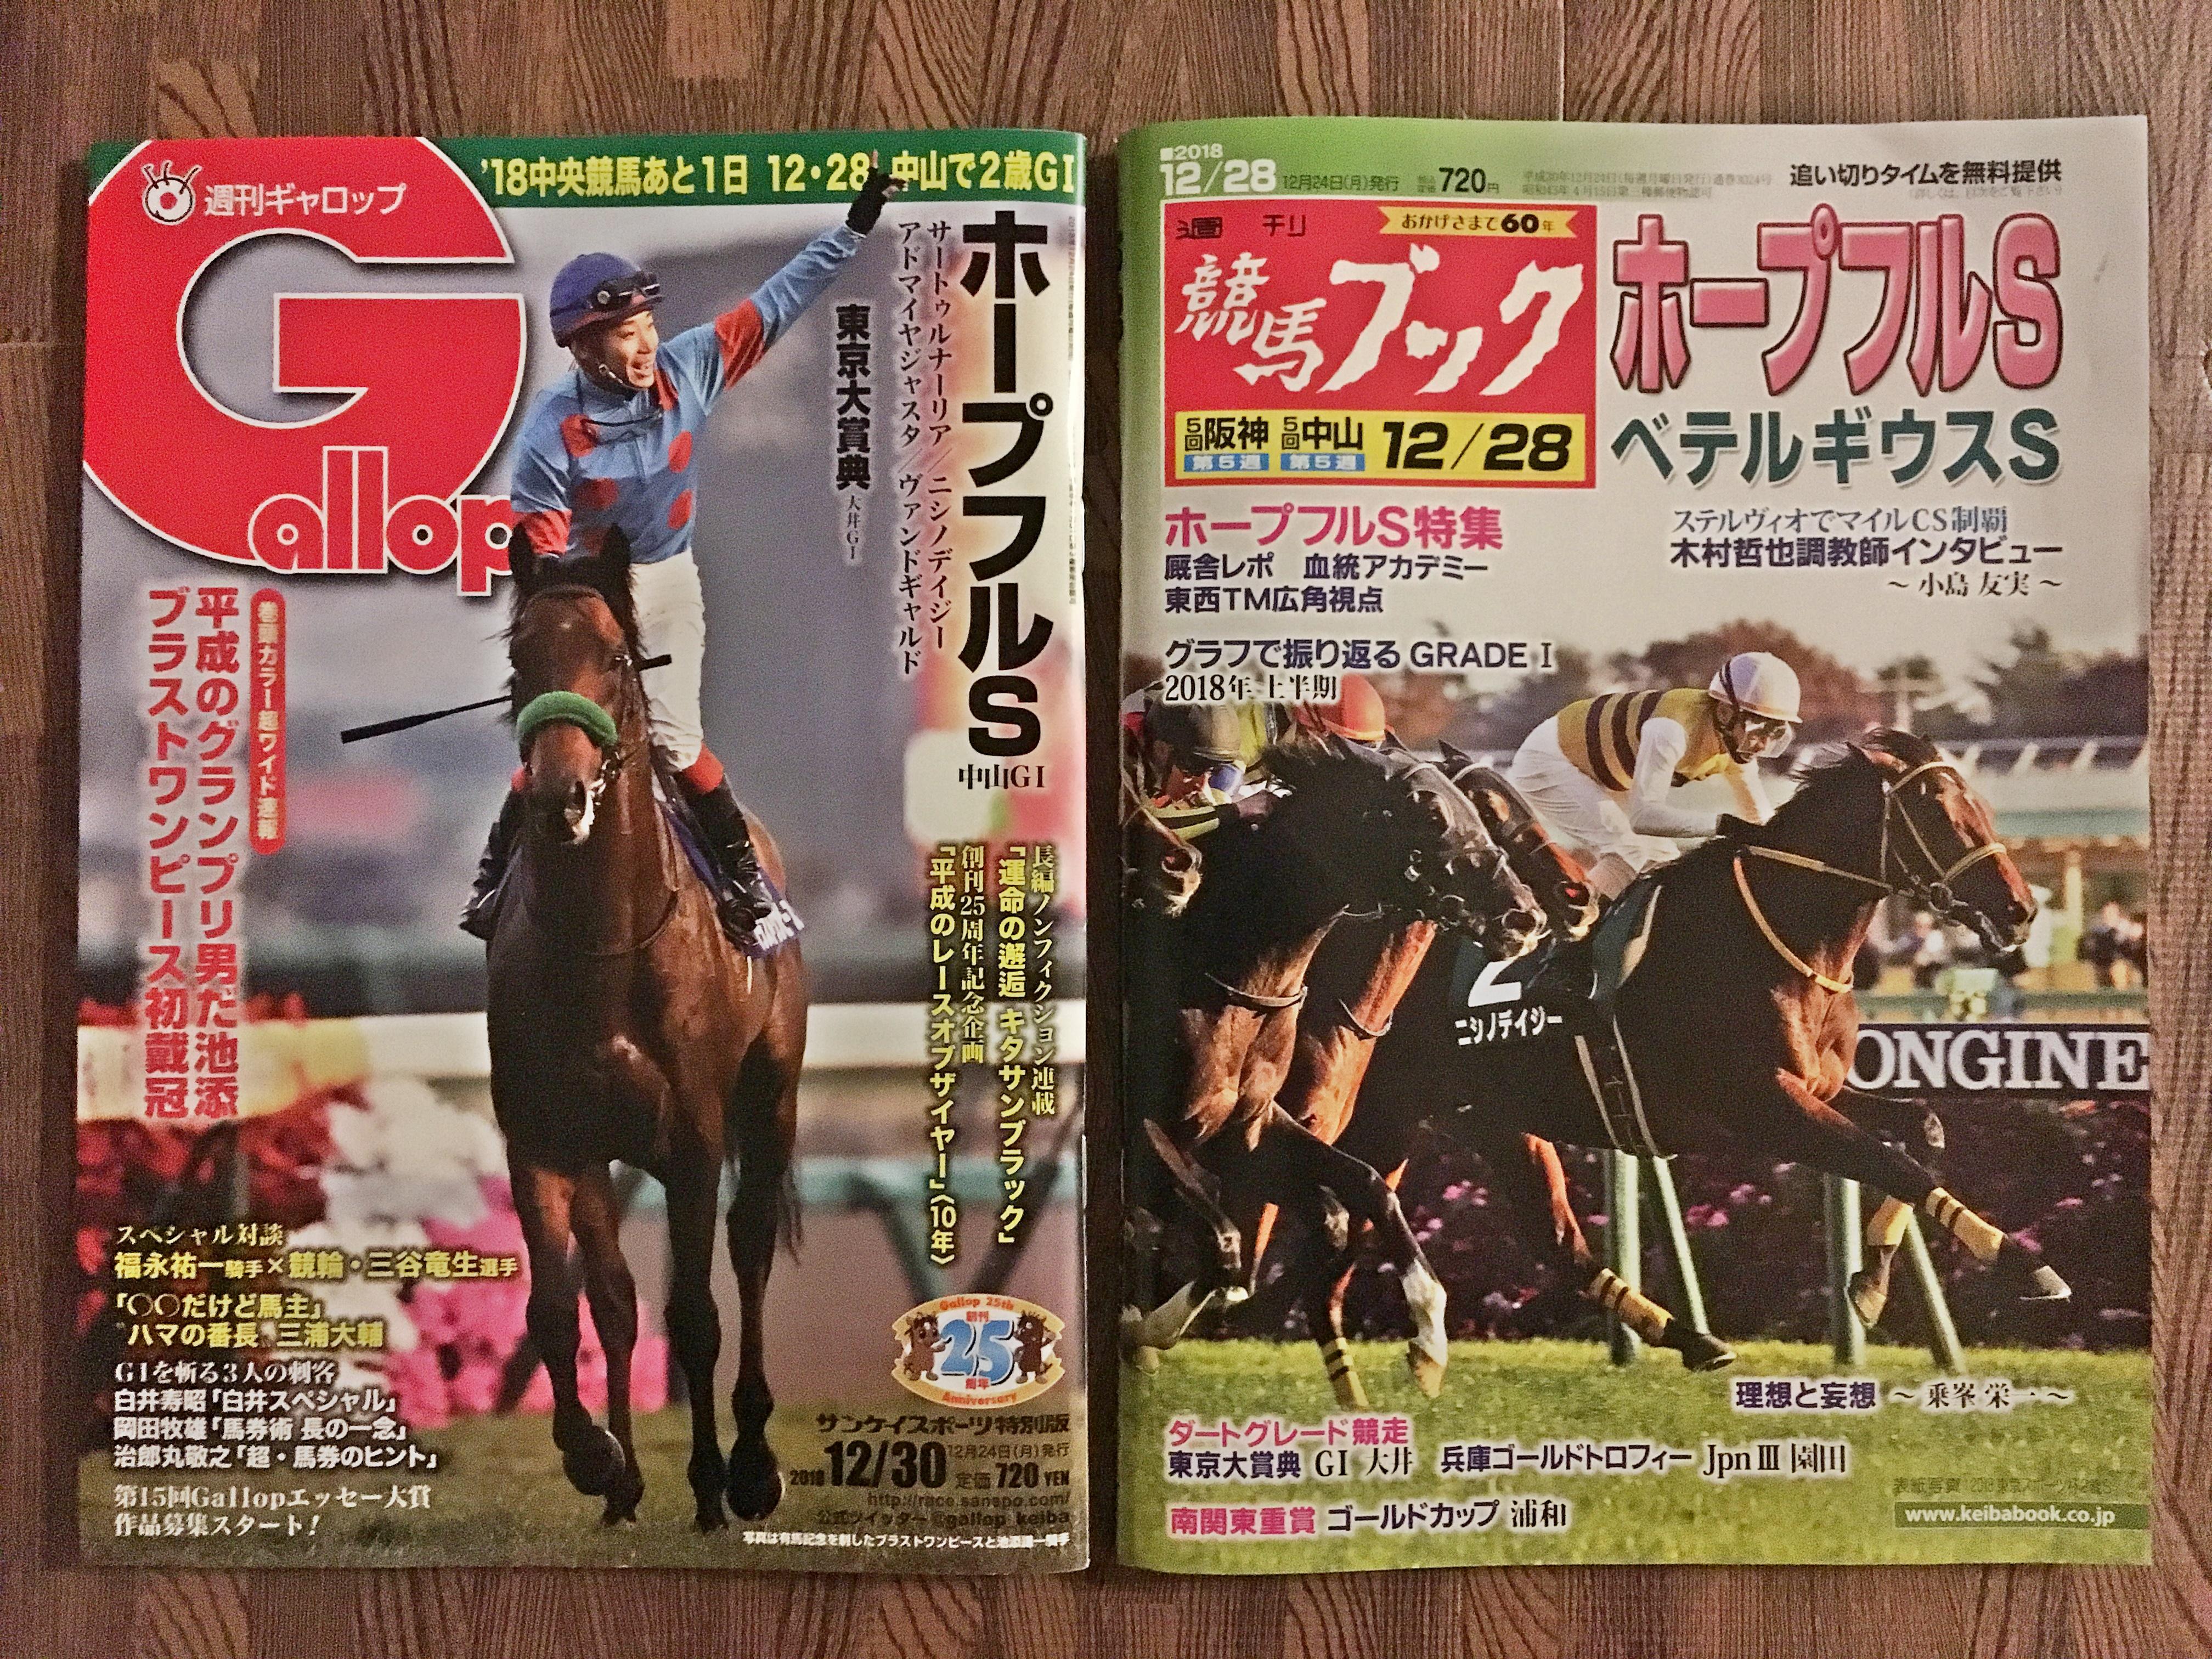 ブラストワンピース有馬記念制覇 週刊競馬ブック&週刊GALLOP.JPG